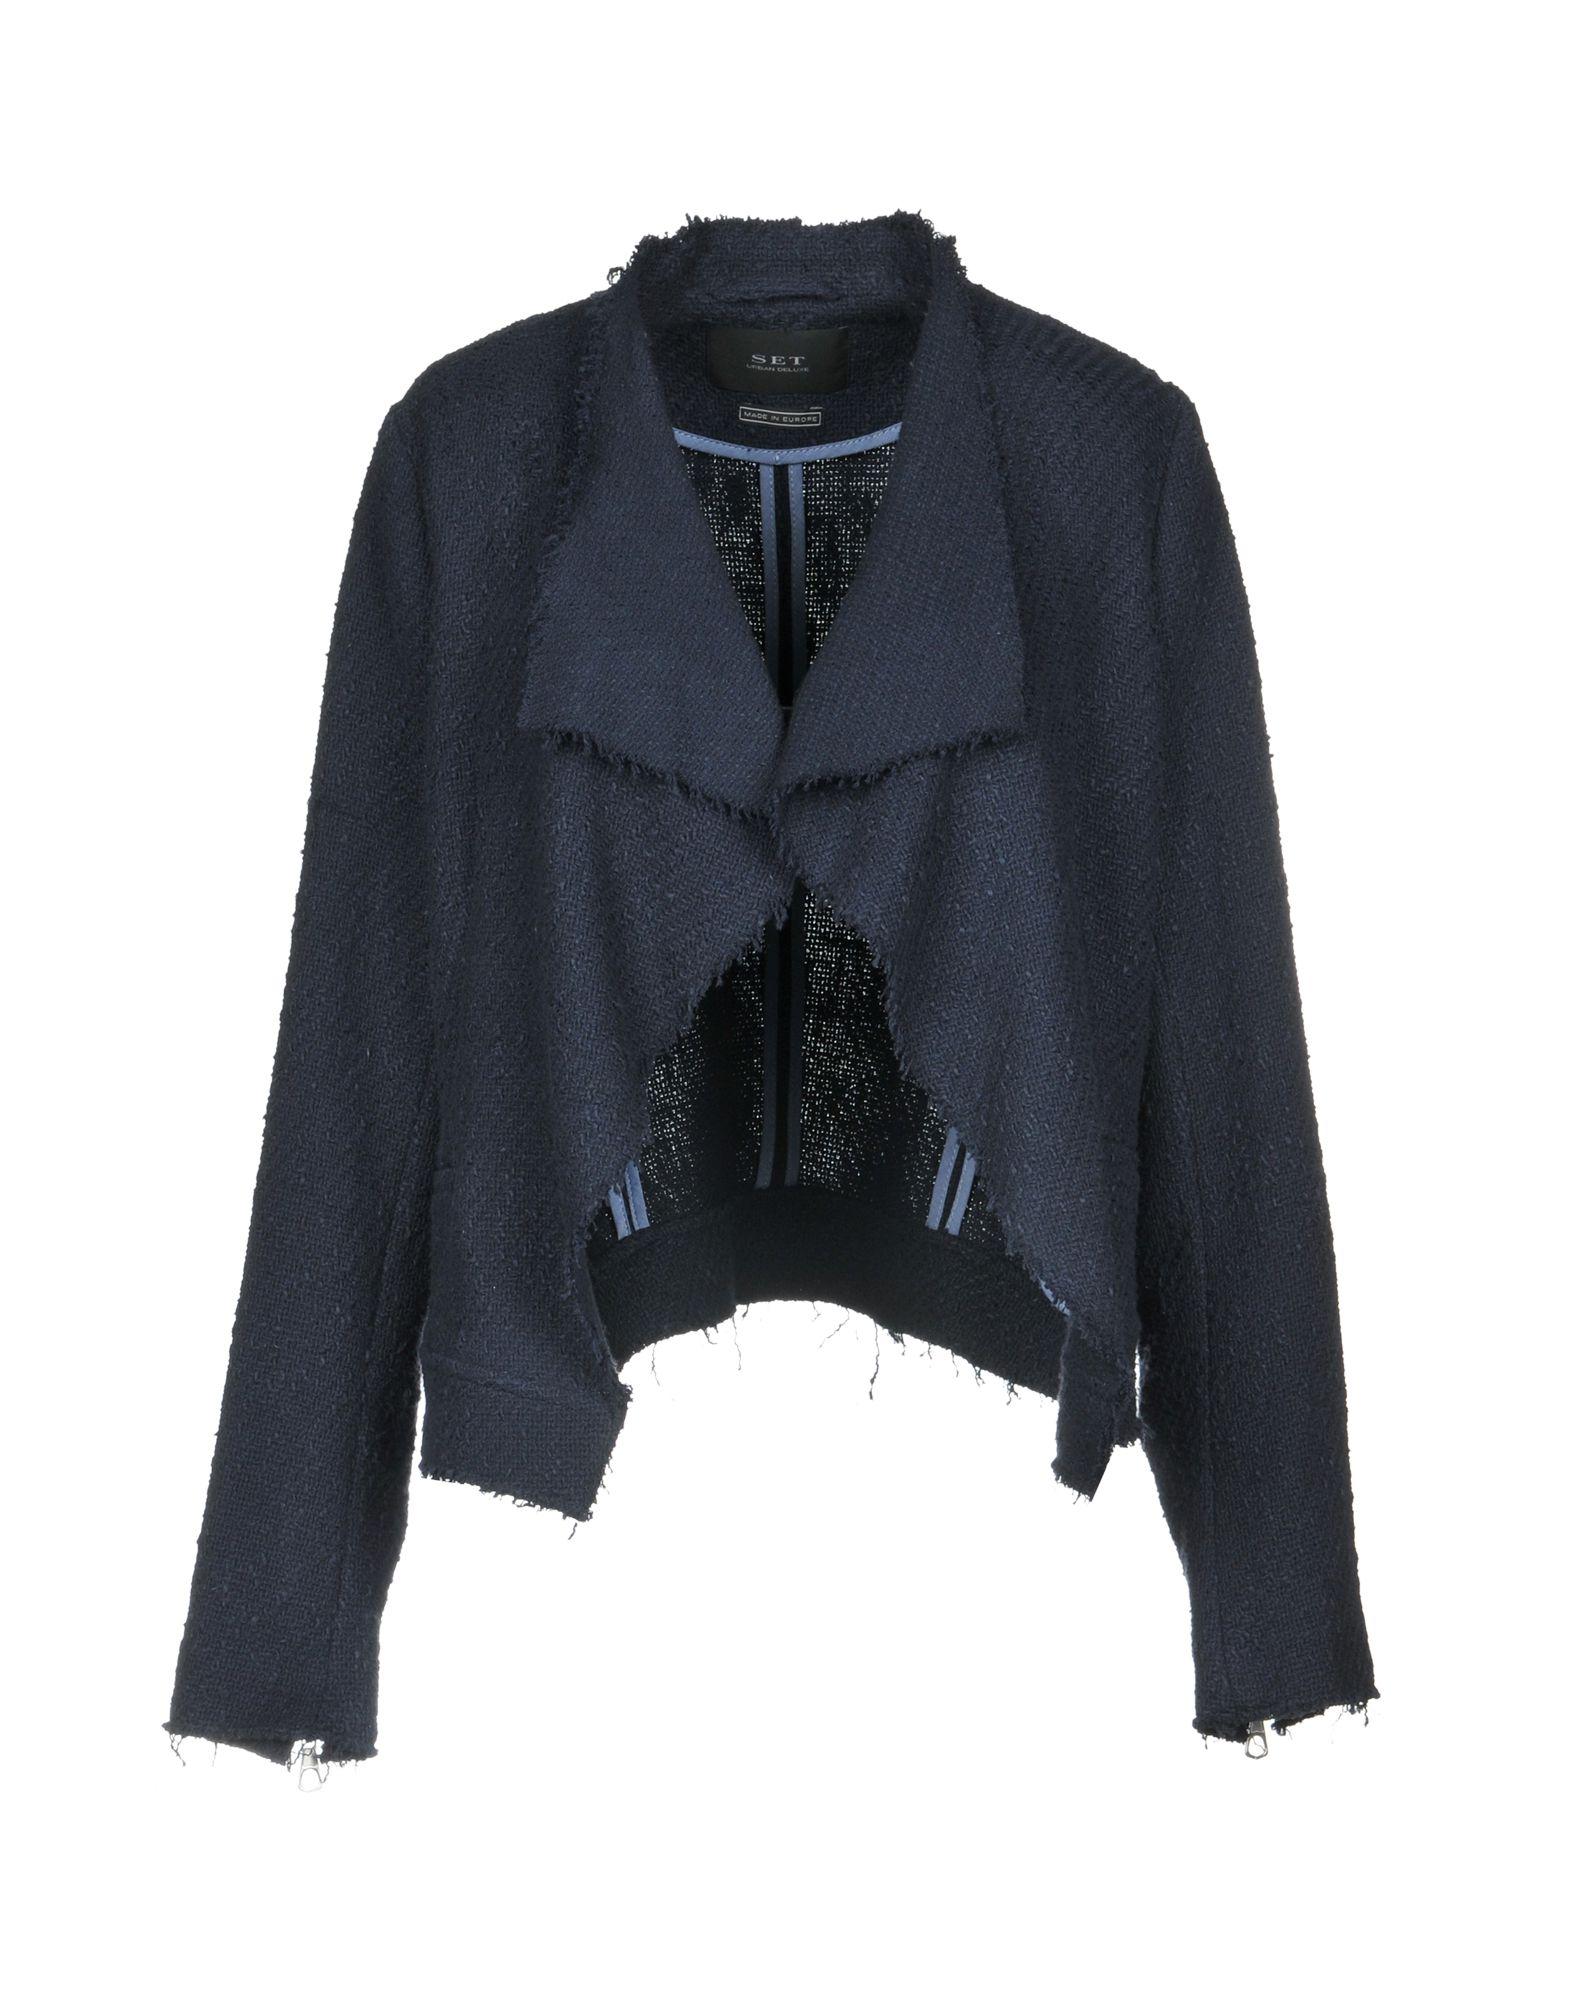 SET Blazer in Dark Blue